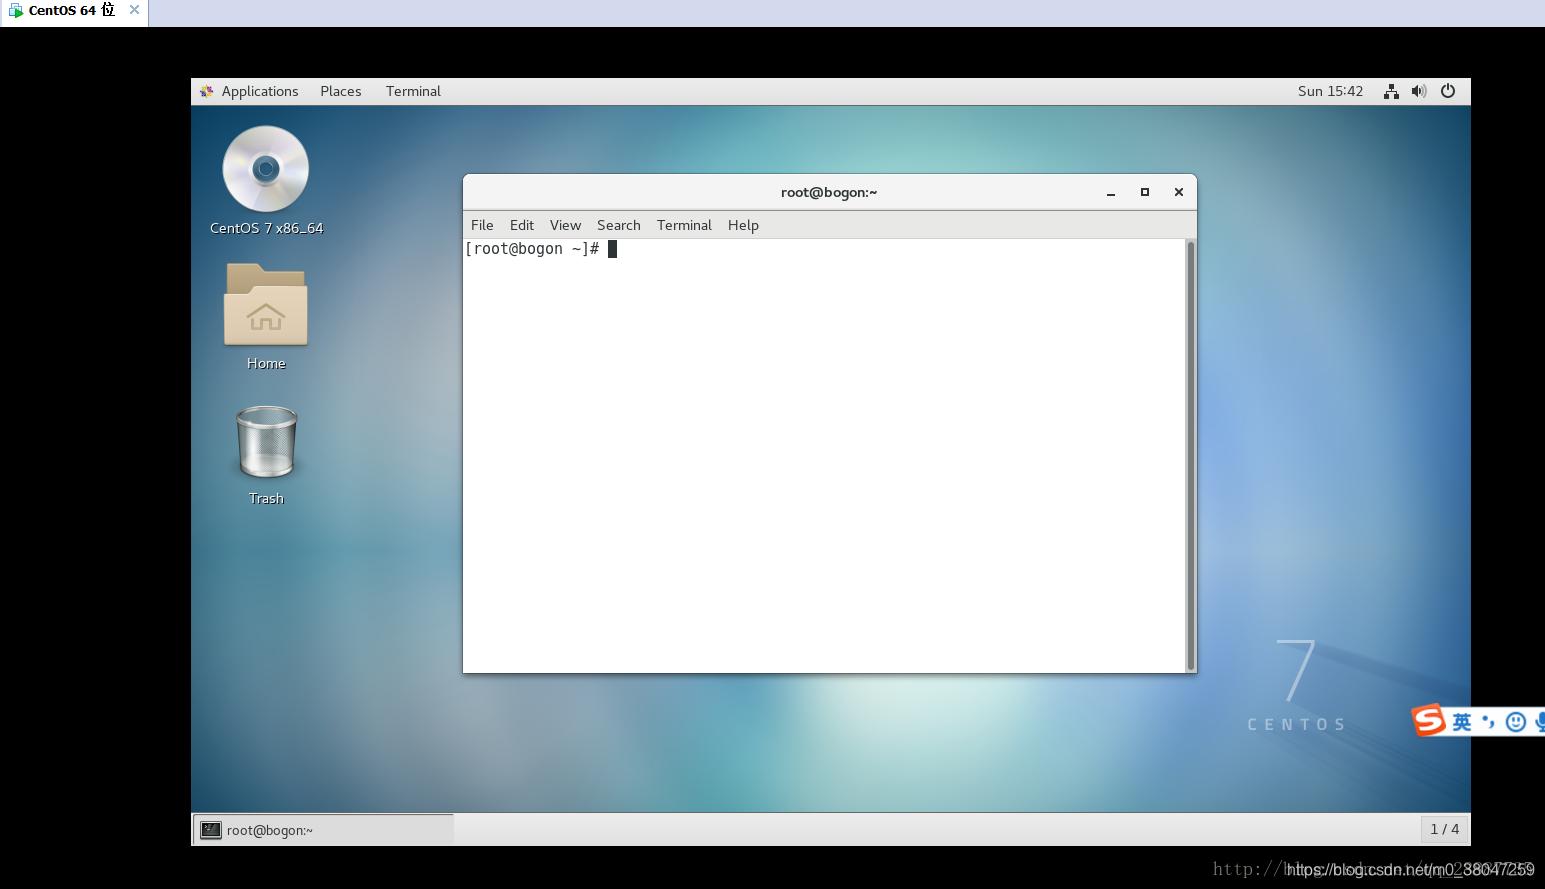 虚拟机系统下安装centos7及桌面系统- m0_38047259的博客- CSDN博客